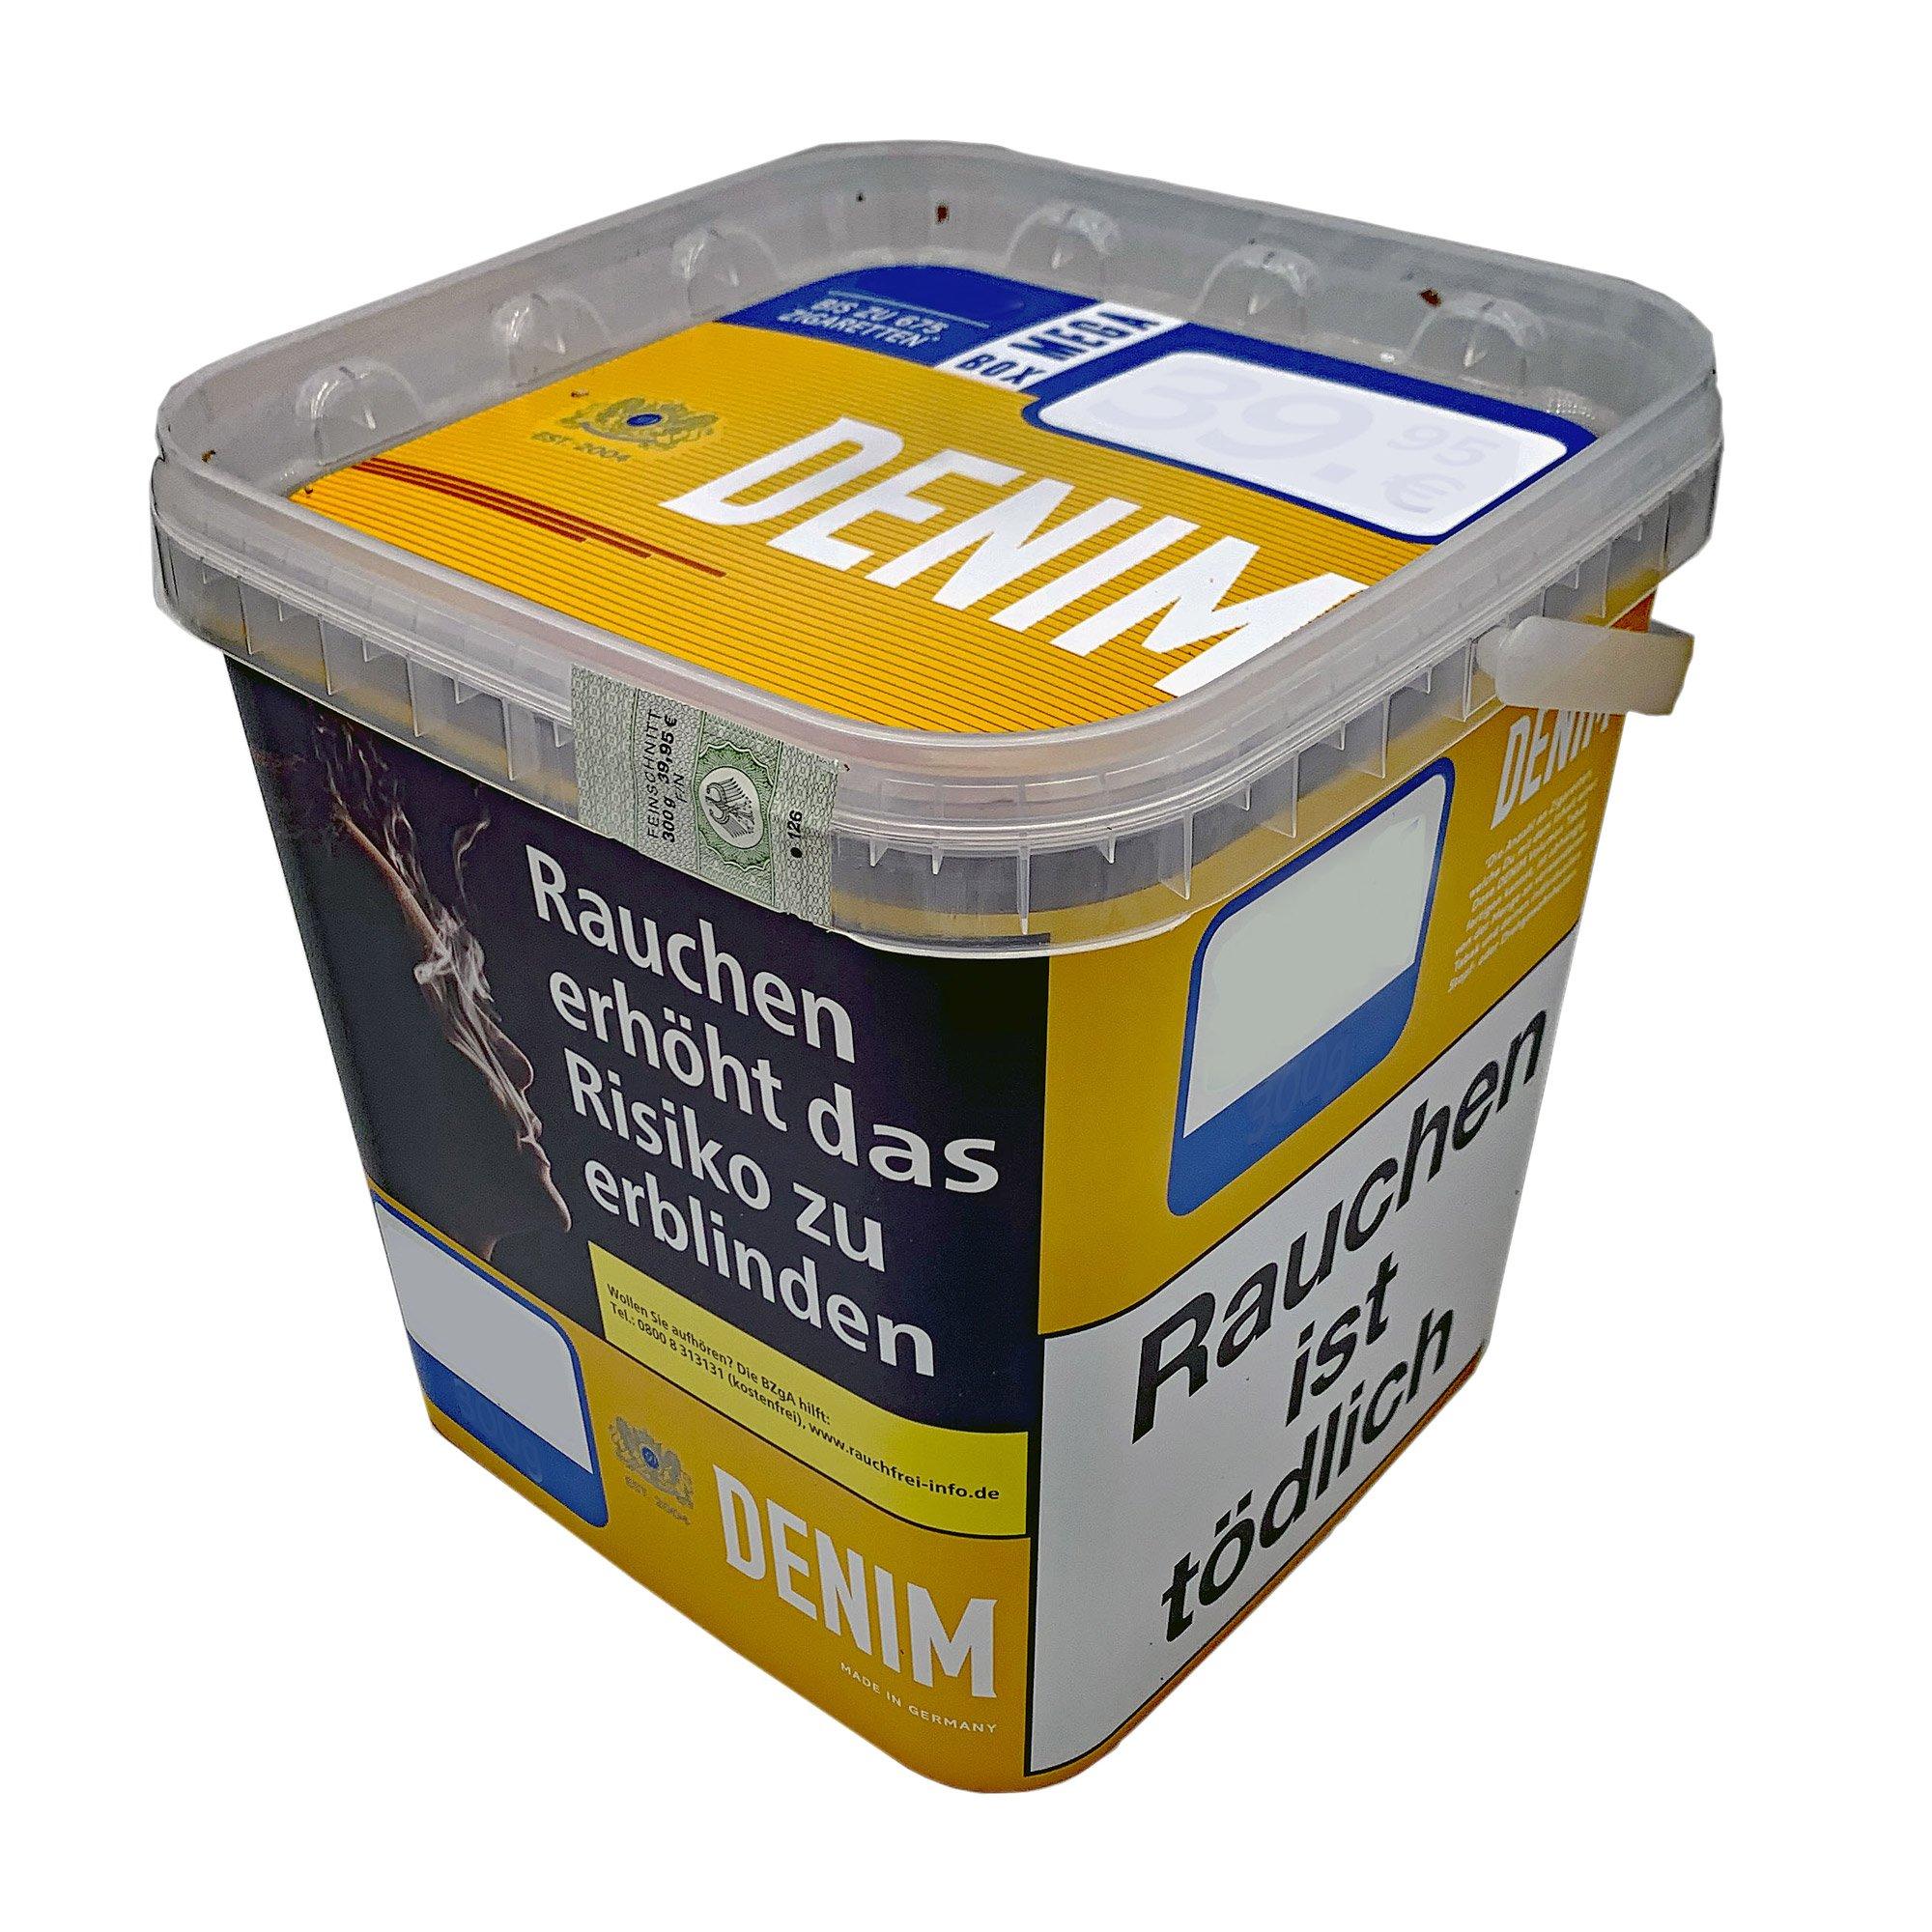 1 x Denim Mega Box Volumentabak 290g Eimer + 400 Mark1 Hülsen + Zubehör